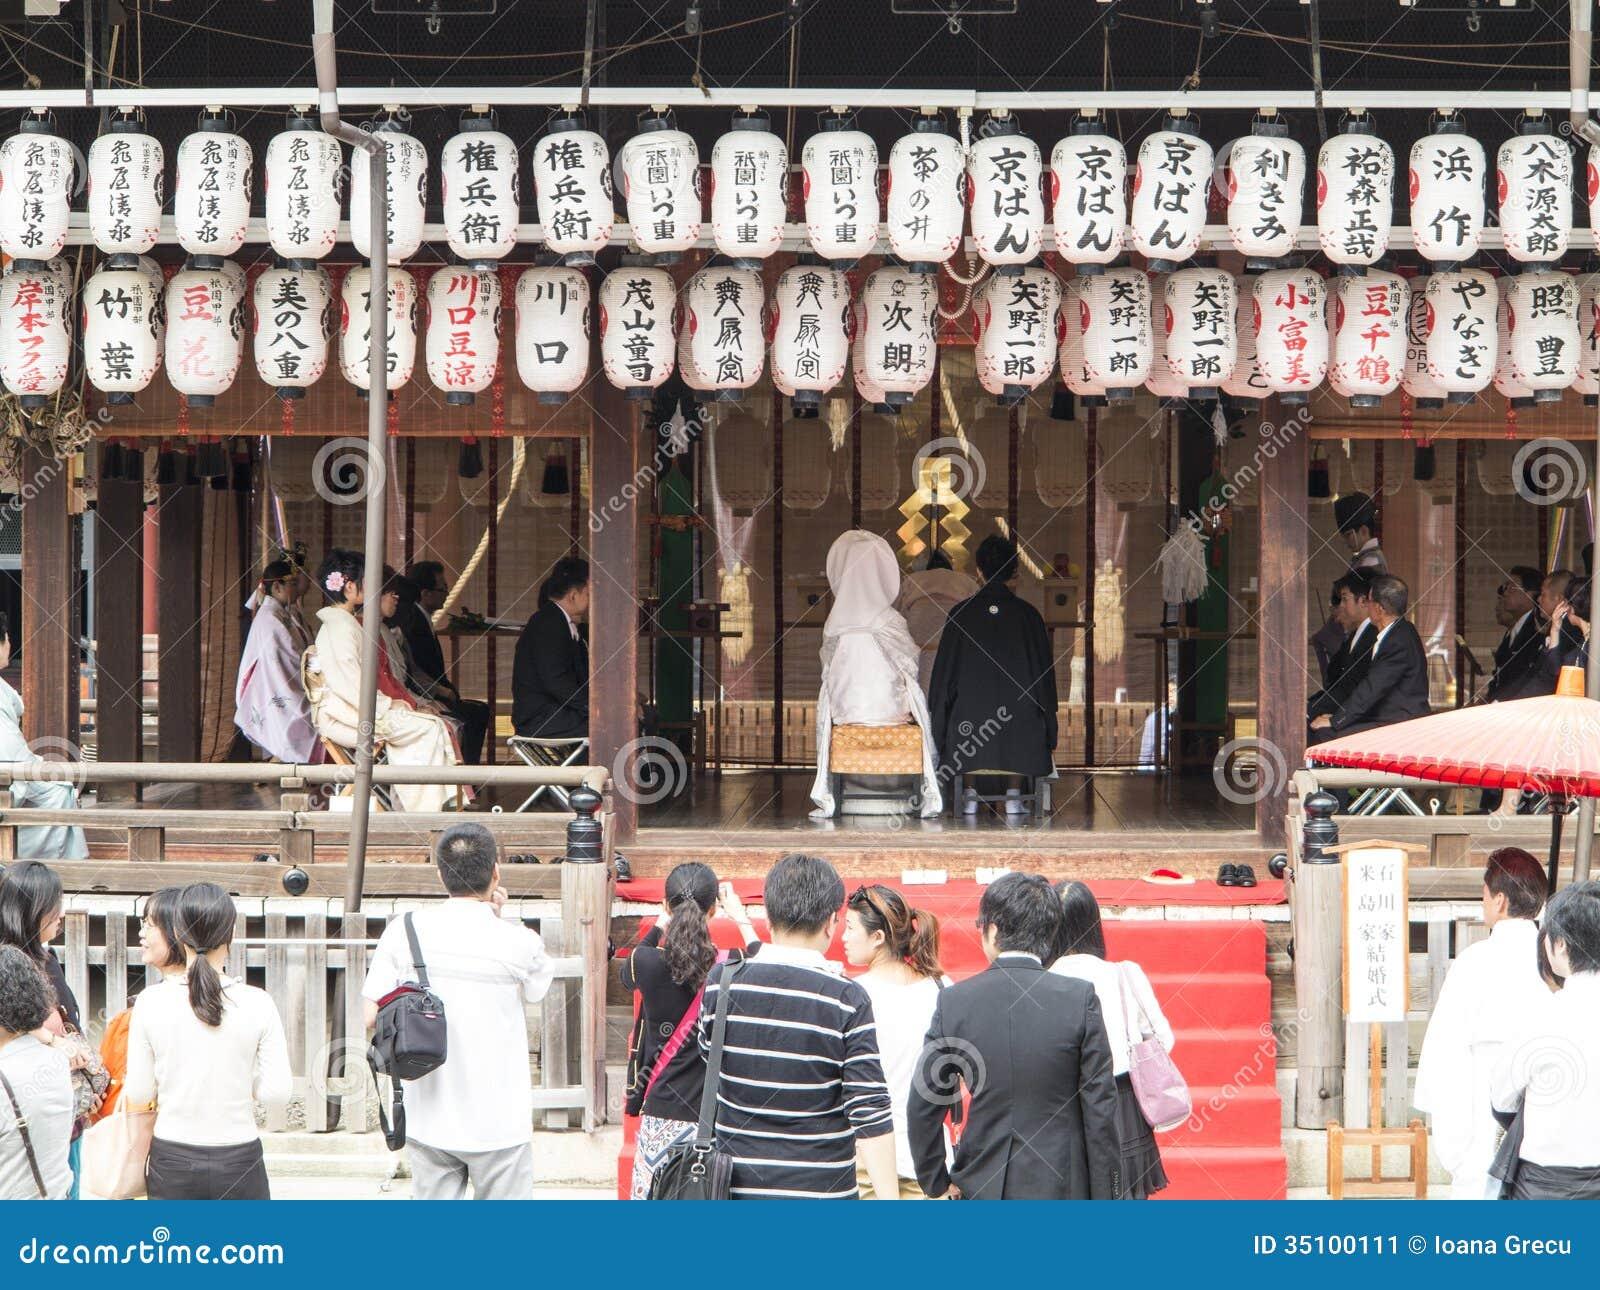 Japanische traditionelle hochzeit redaktionelles foto - Traditionelle japanische architektur ...